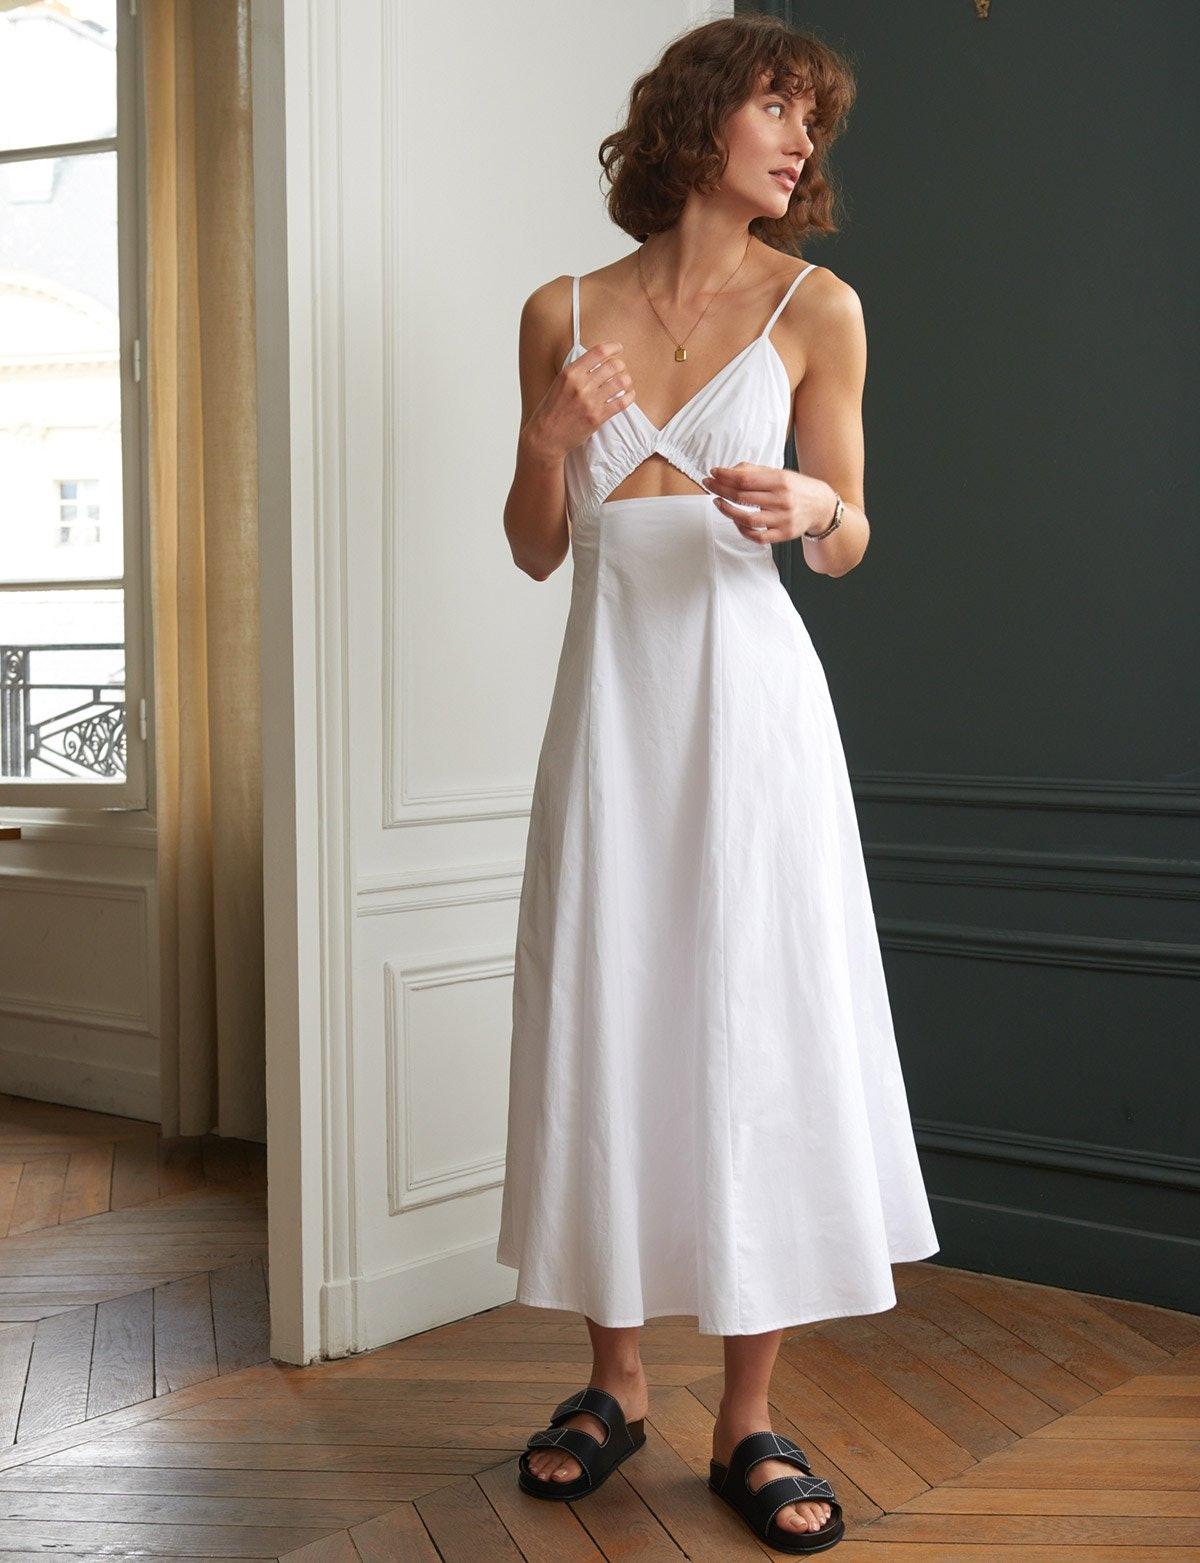 Santorini White Cut Out Dress